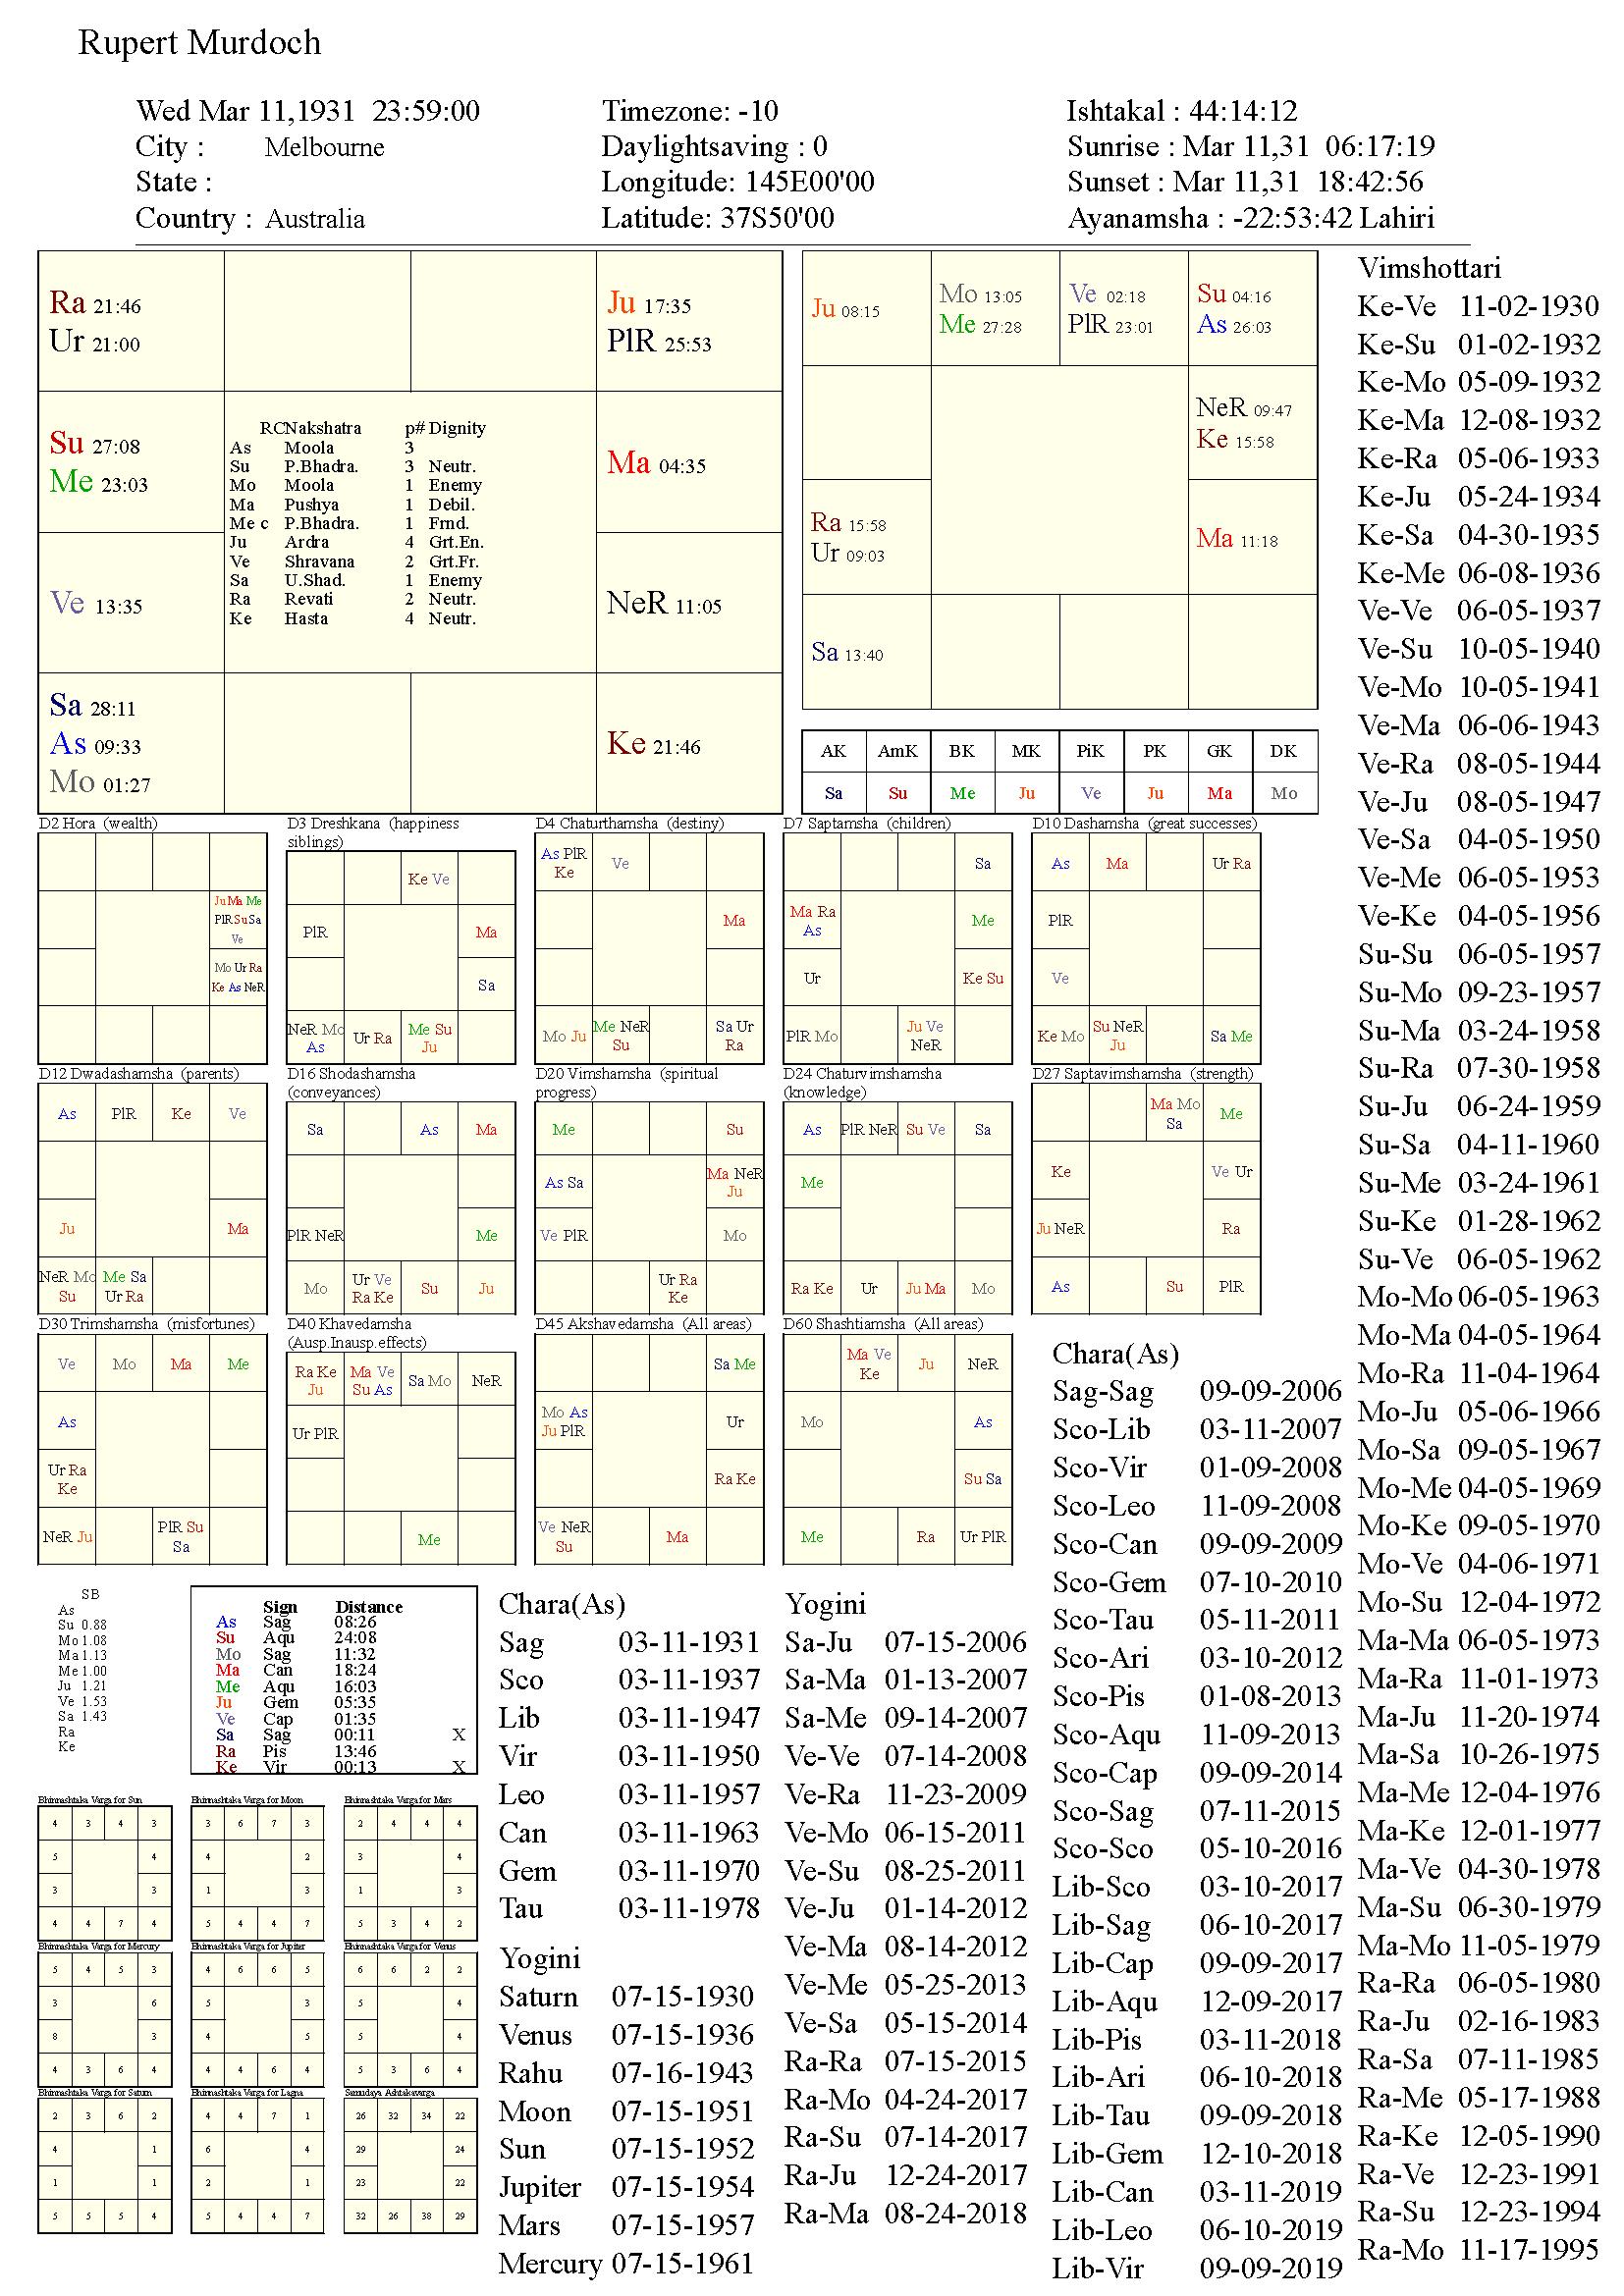 rupertmurdoch_chart